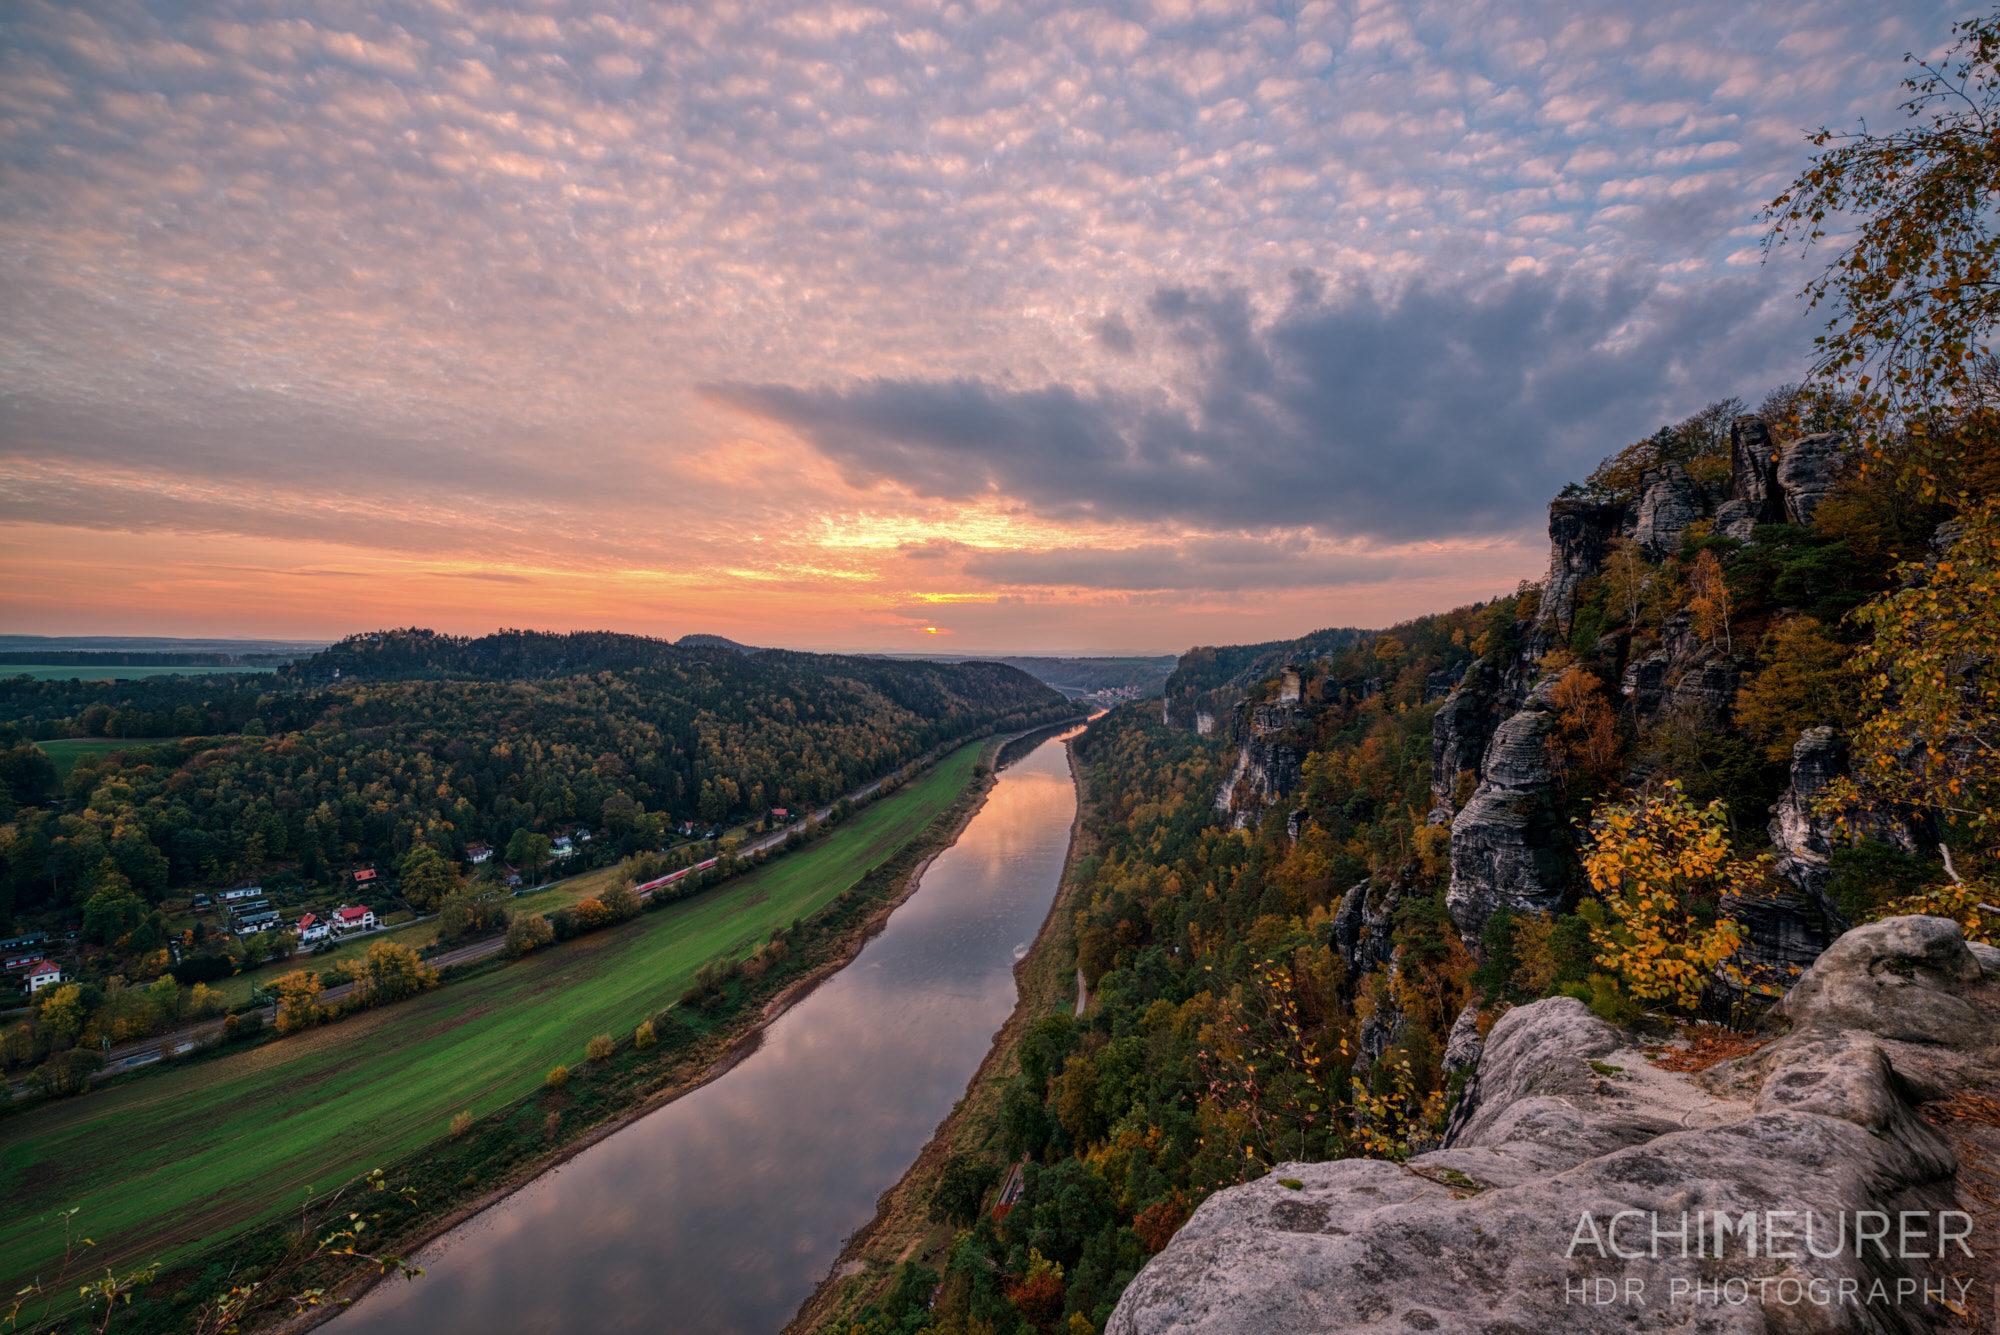 Sonnenuntergang von der Bastei aus - FotoCamp Herbstlicht 2018 - Sächsische Schweiz